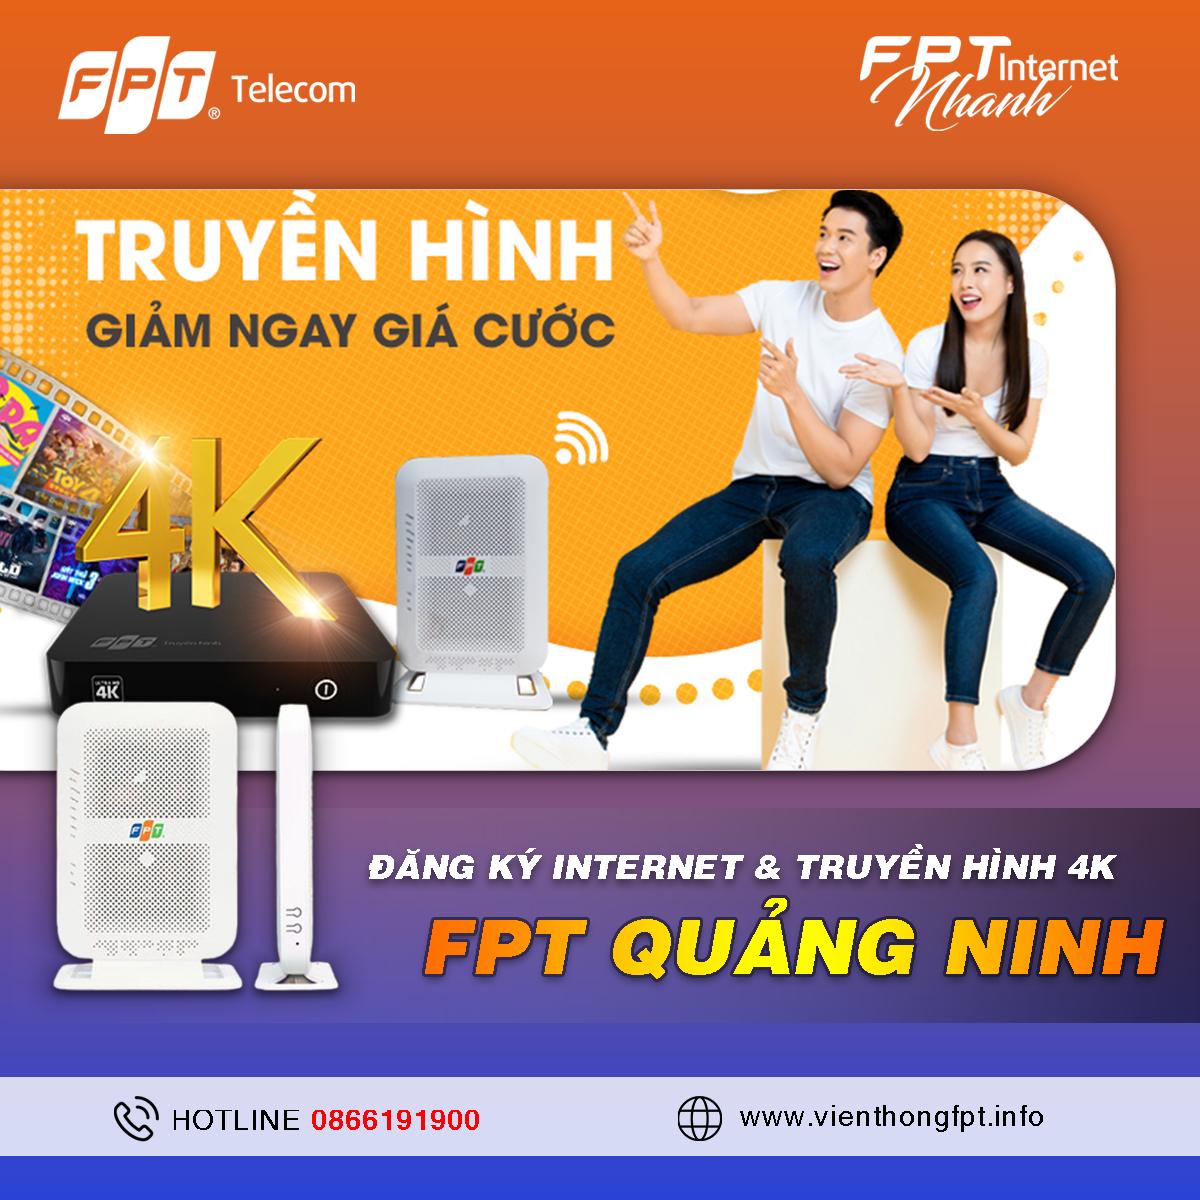 Tổng đài Đăng ký Internet FPT tại Quảng Ninh